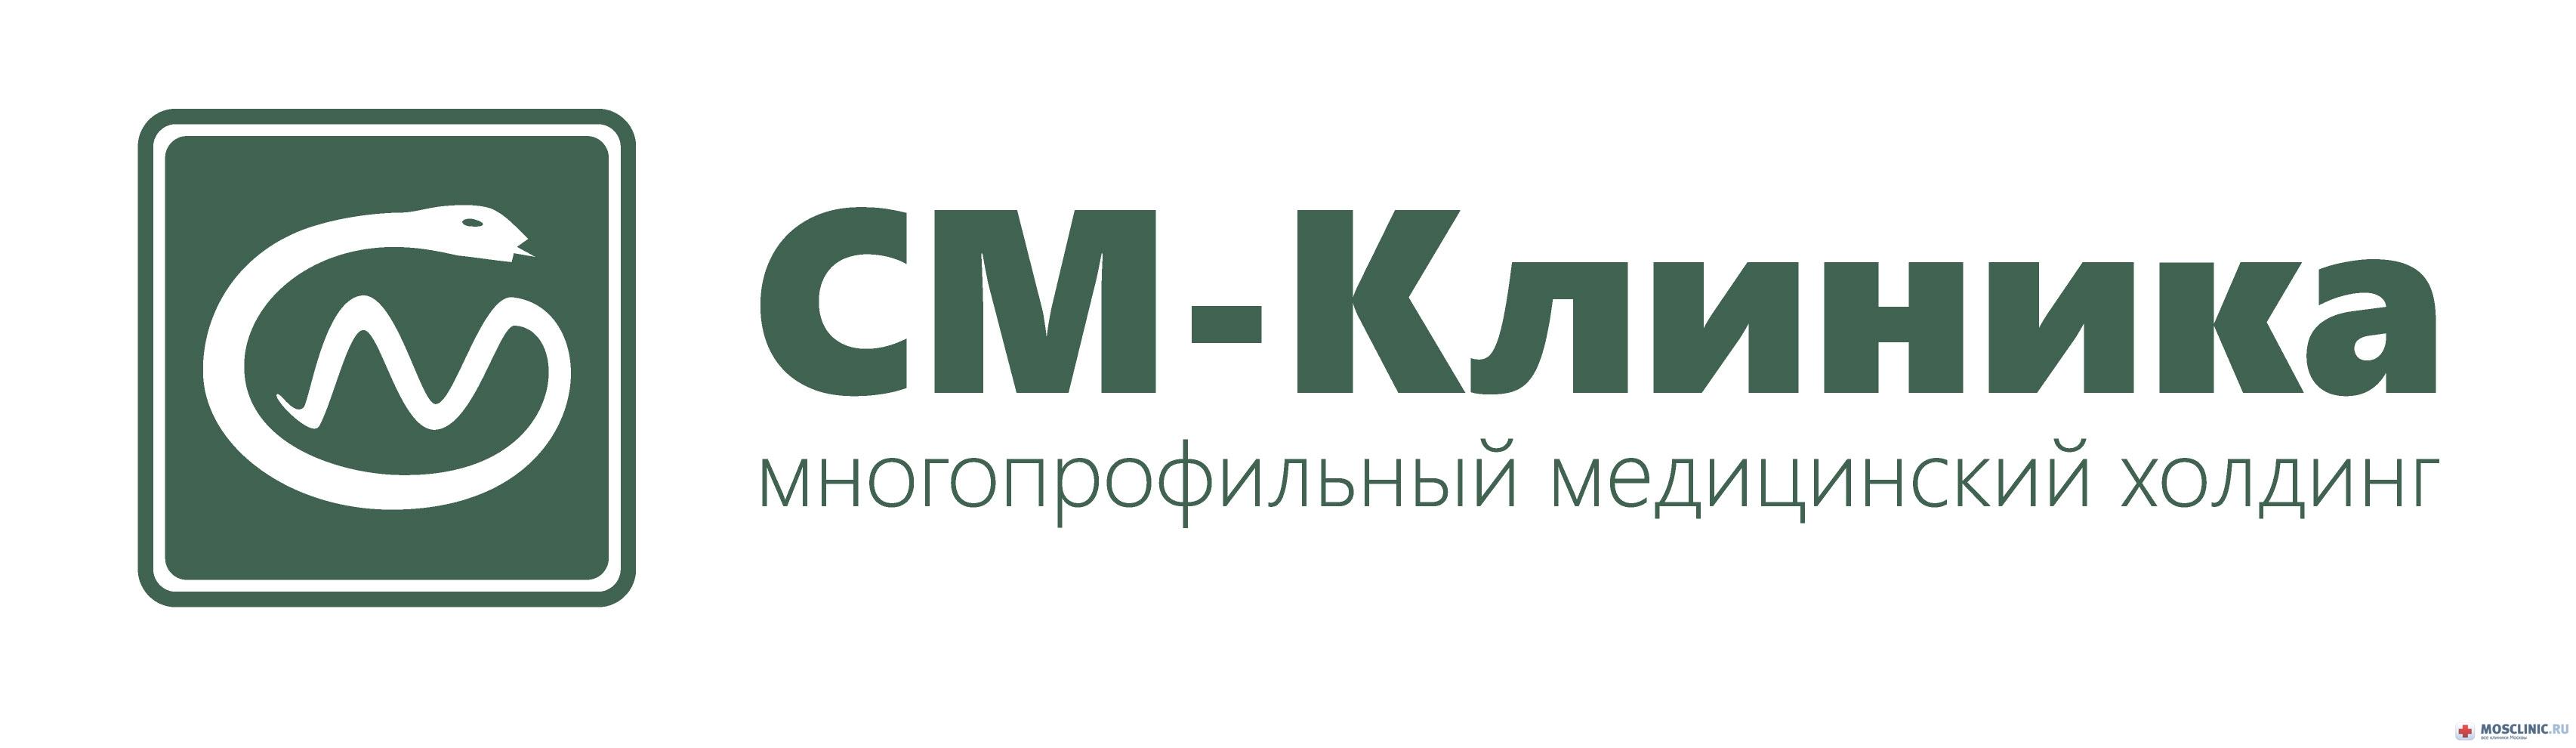 Поликлиника щелковская